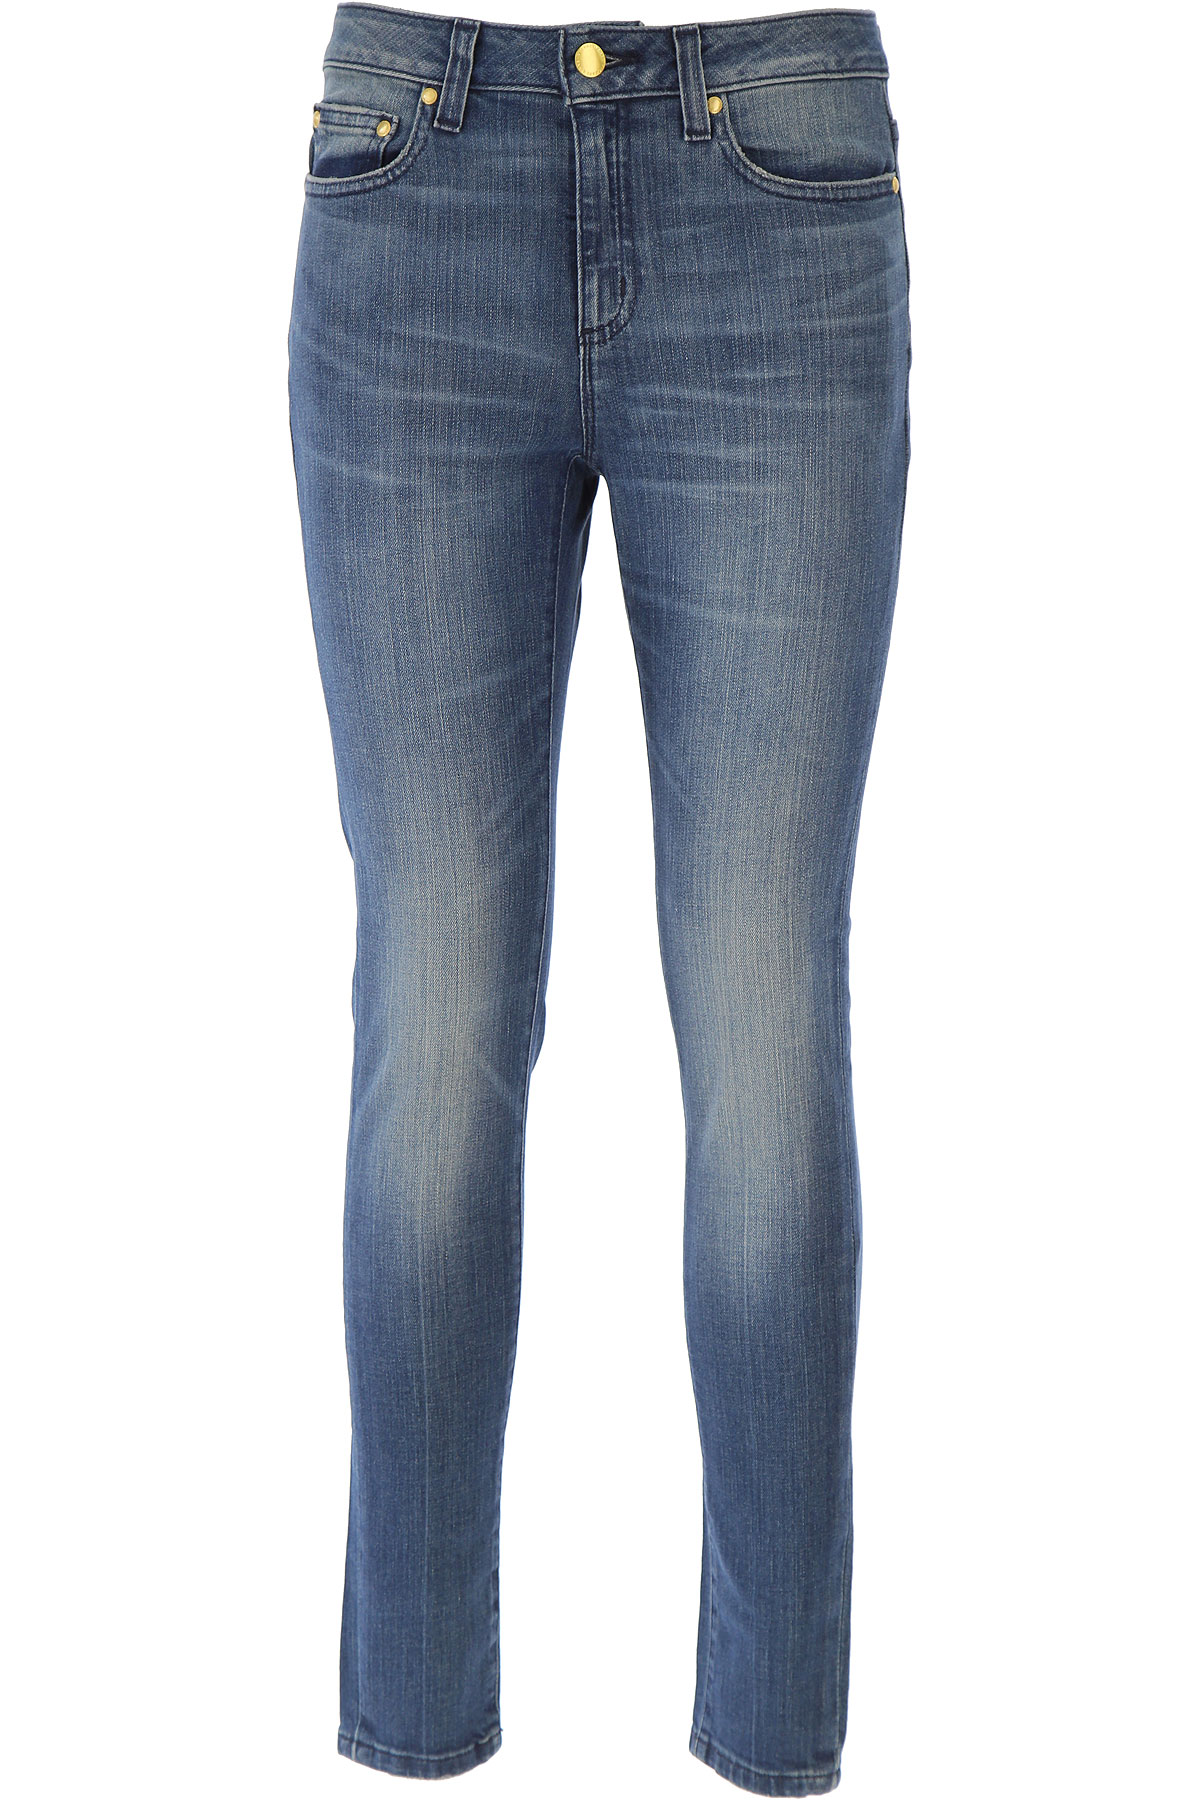 Michael Kors Jeans On Sale, Blue Denim, Cotton, 2017, 24 26 28 30 USA-441666